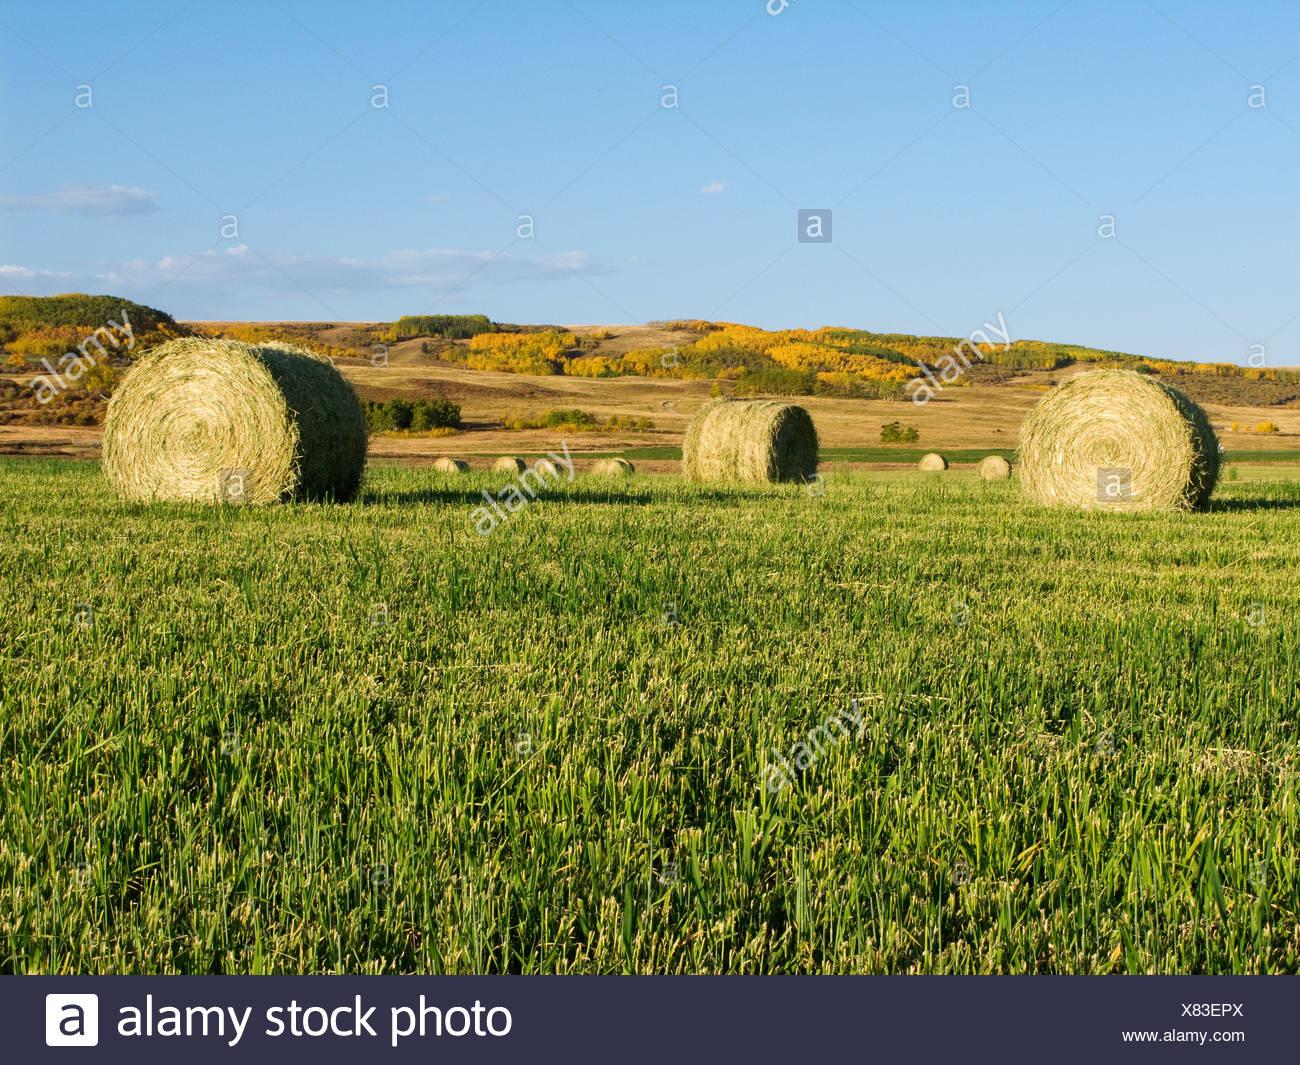 Agricoltura - Round balle di fieno sull'erba verde / stoppie Alberta, Canada. Immagini Stock